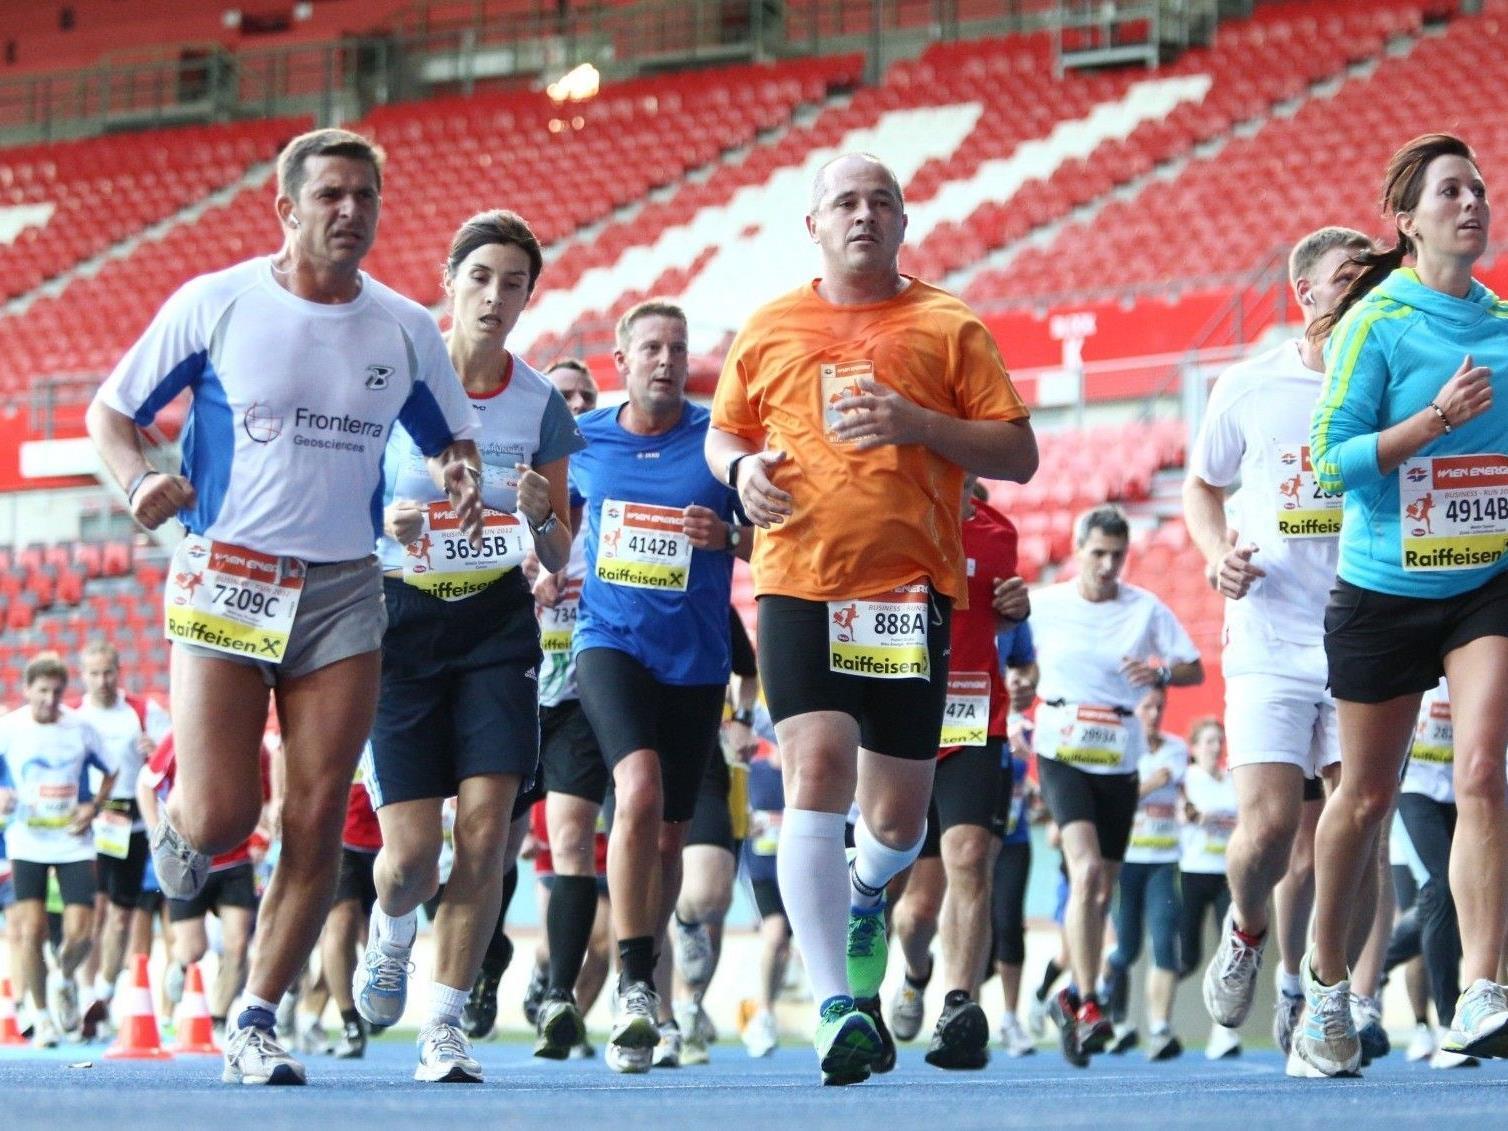 Am 6. September 2012 ging der Business Run mit einem neuen Teilnehmerrekord über die Bühne.